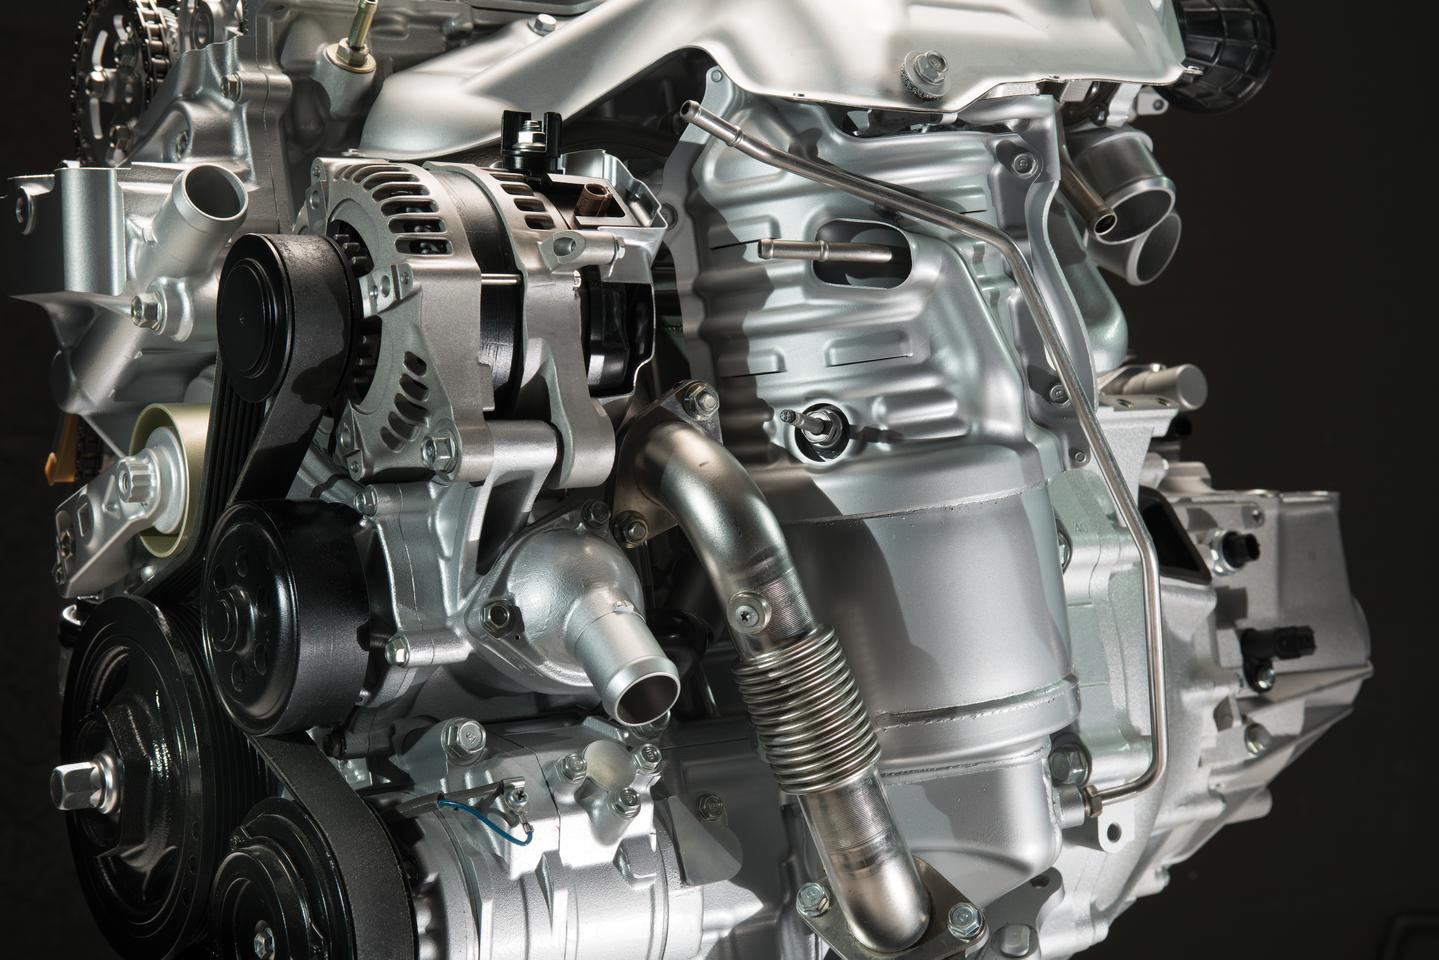 The 1.6-liter i-DTEC engine EGR system